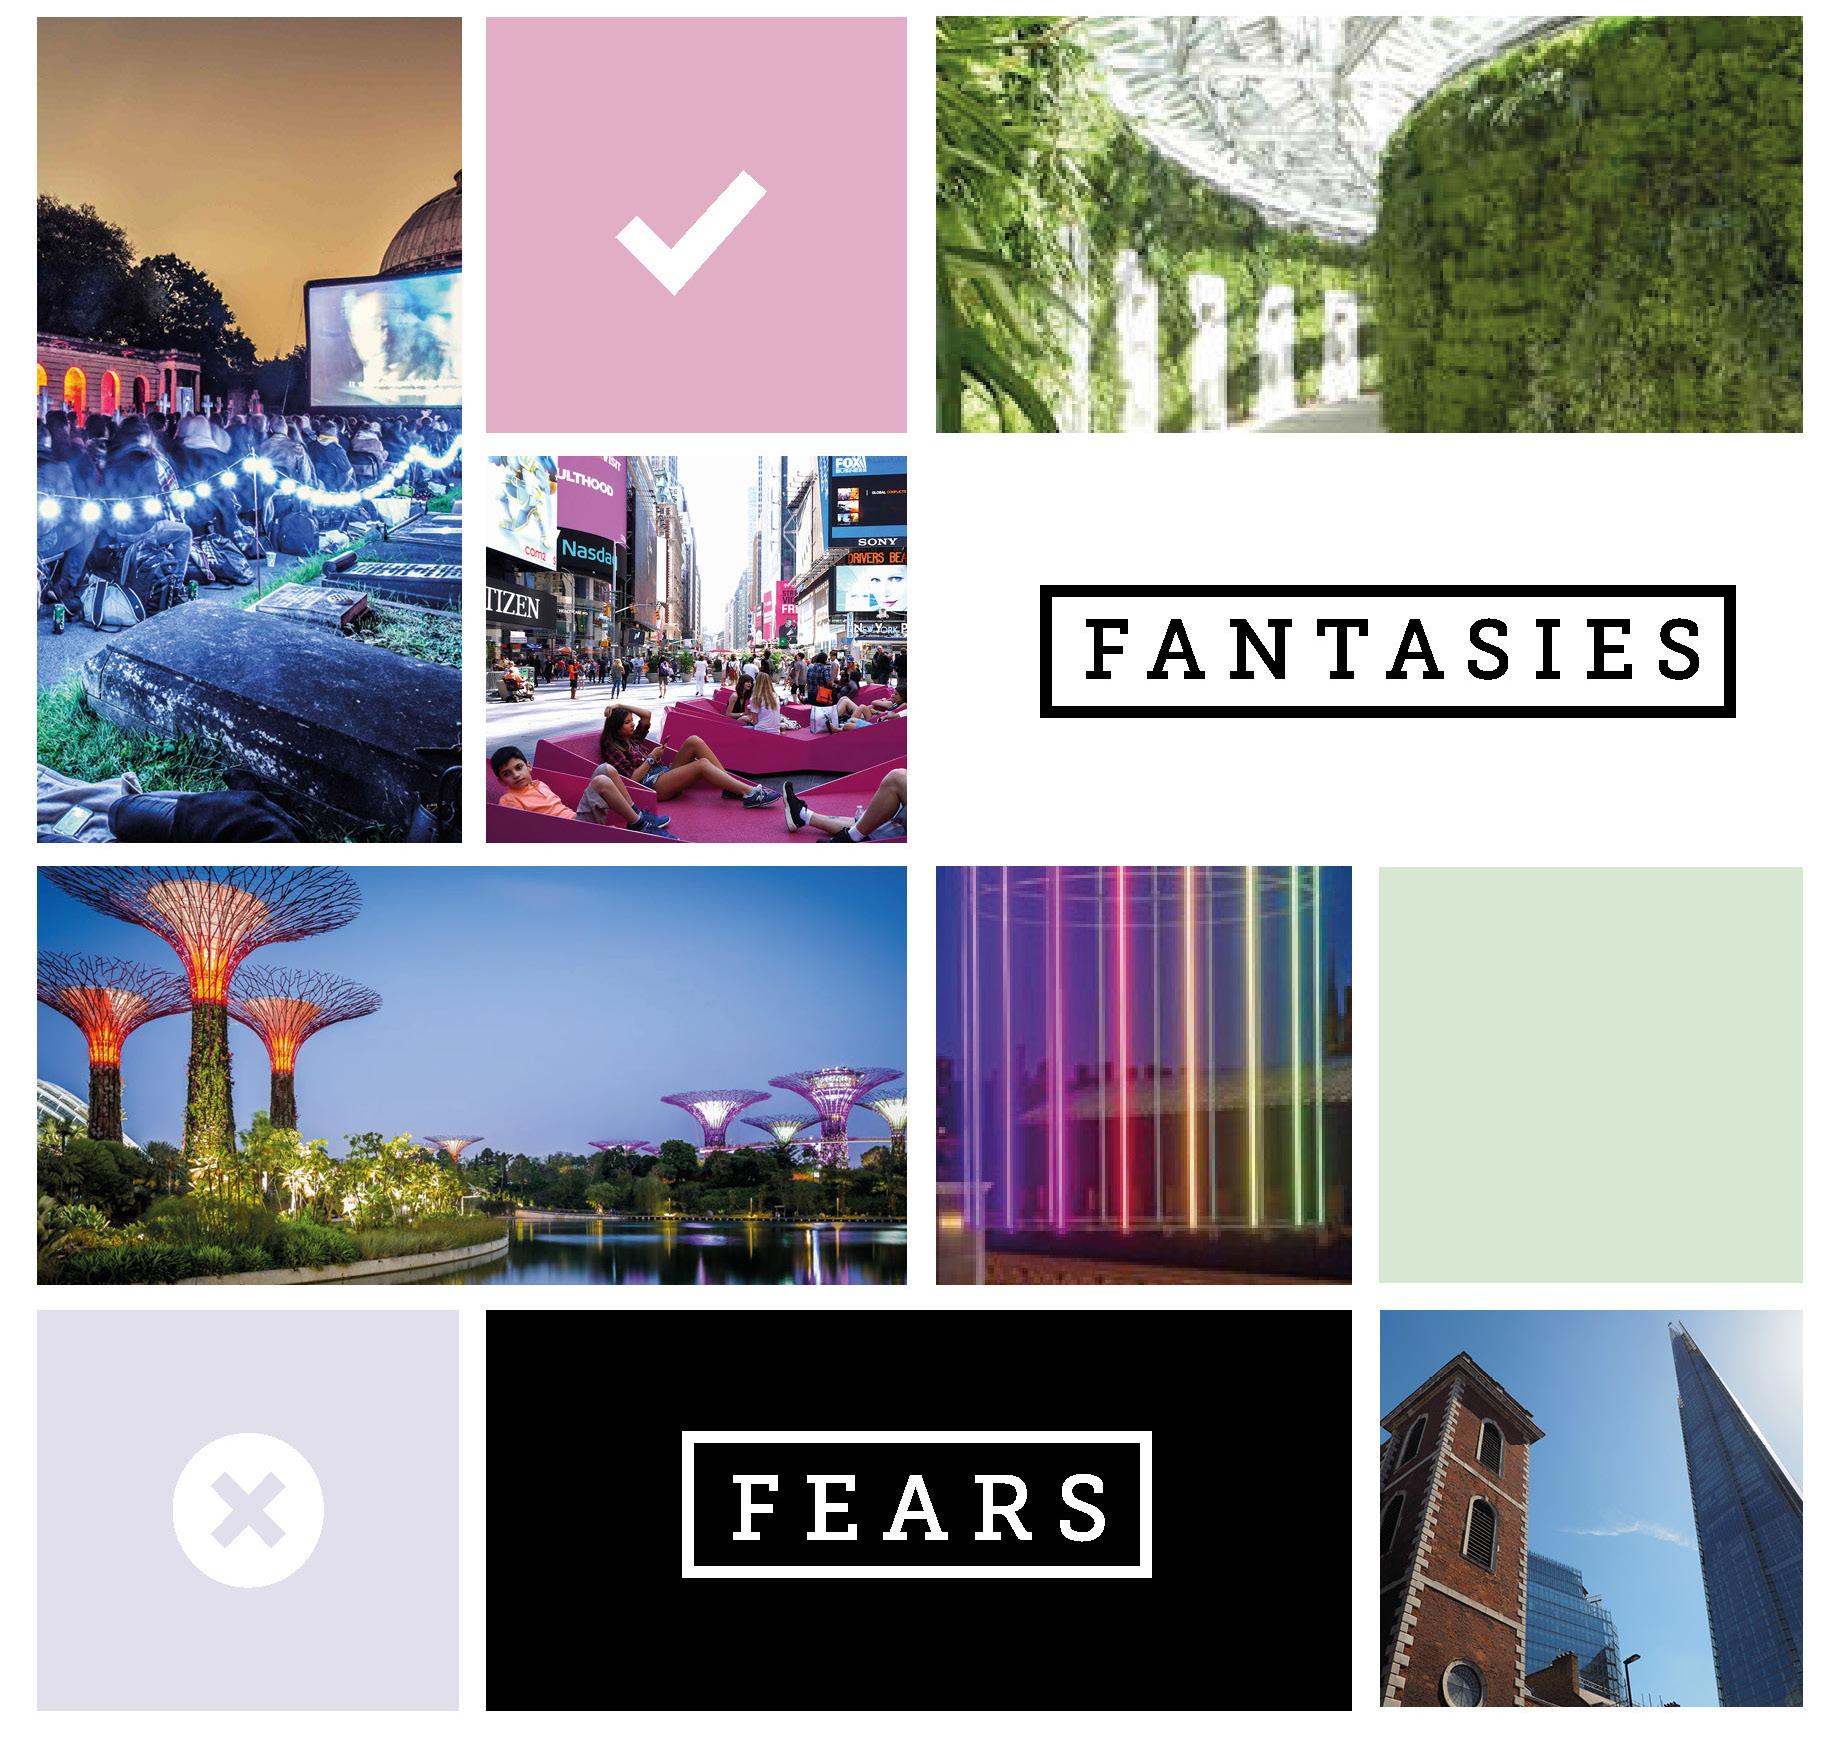 Fantasies & Fears